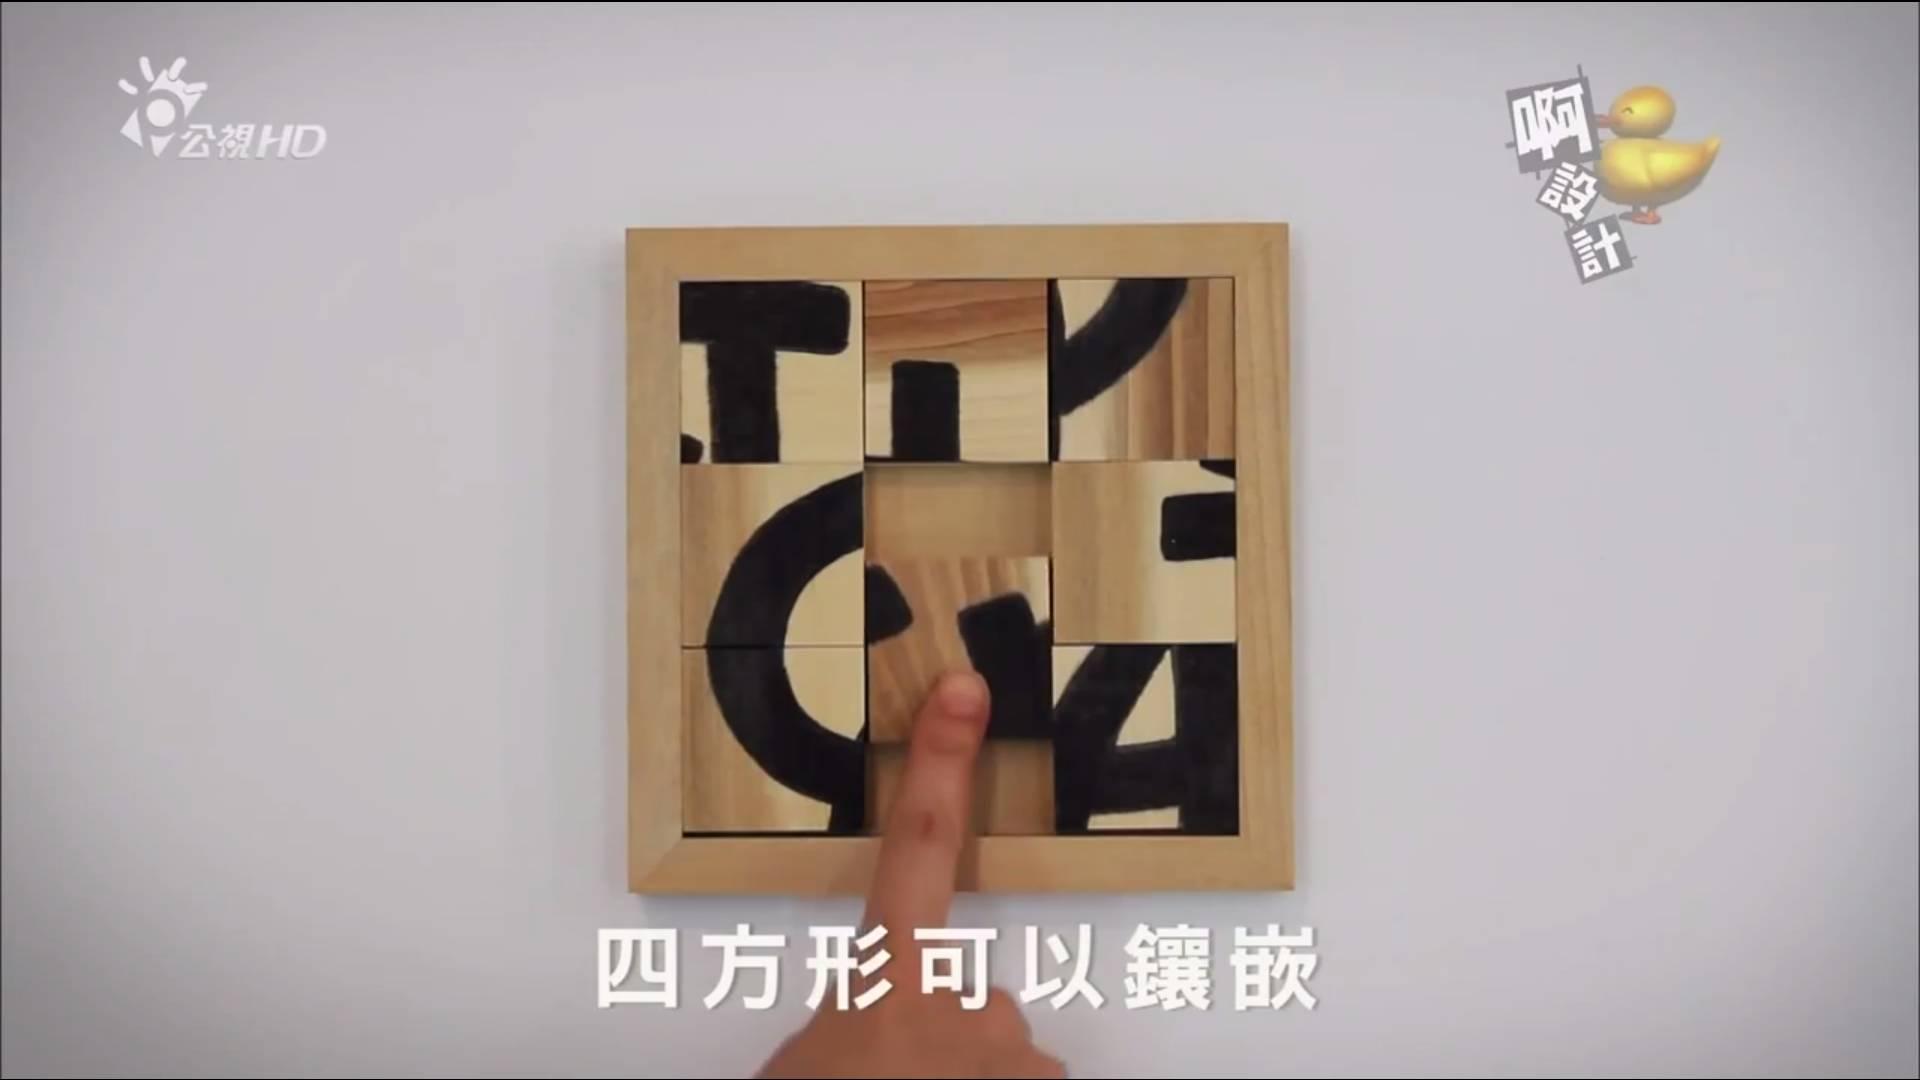 薯片艺术陈列_免花下载《啊!设计》——日本最好的儿童艺术启蒙视频-儿童 ...